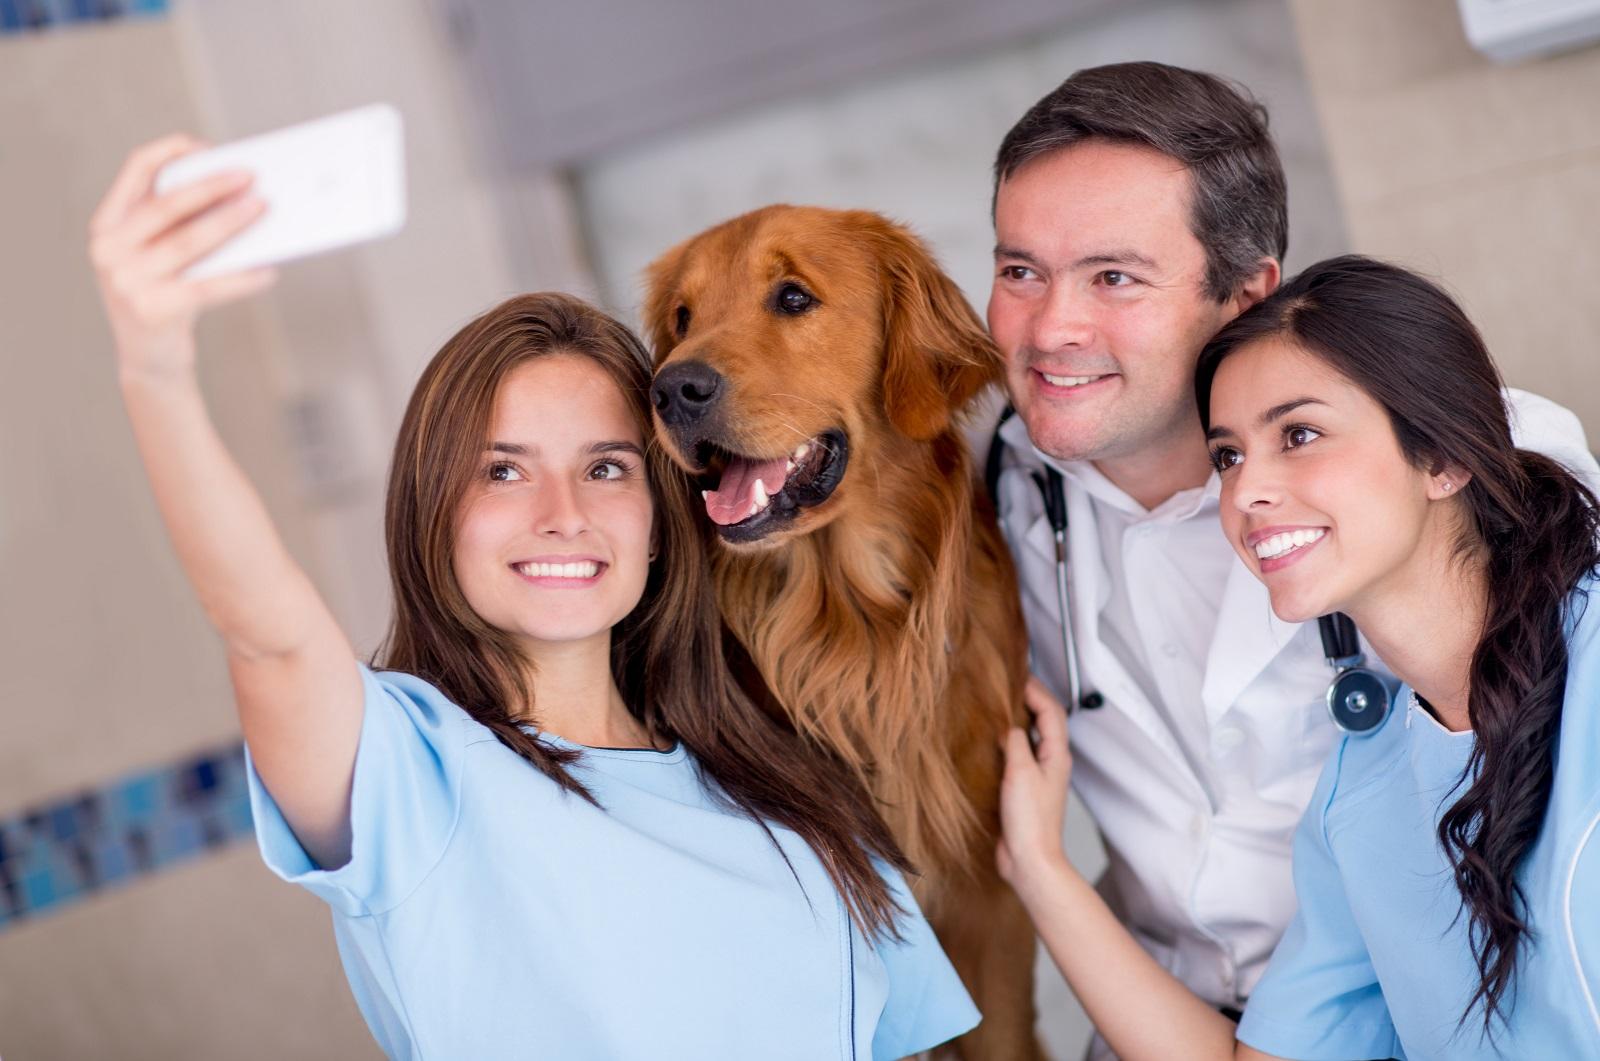 Cómo utilizar las plataformas sociales para llegar a los médicos